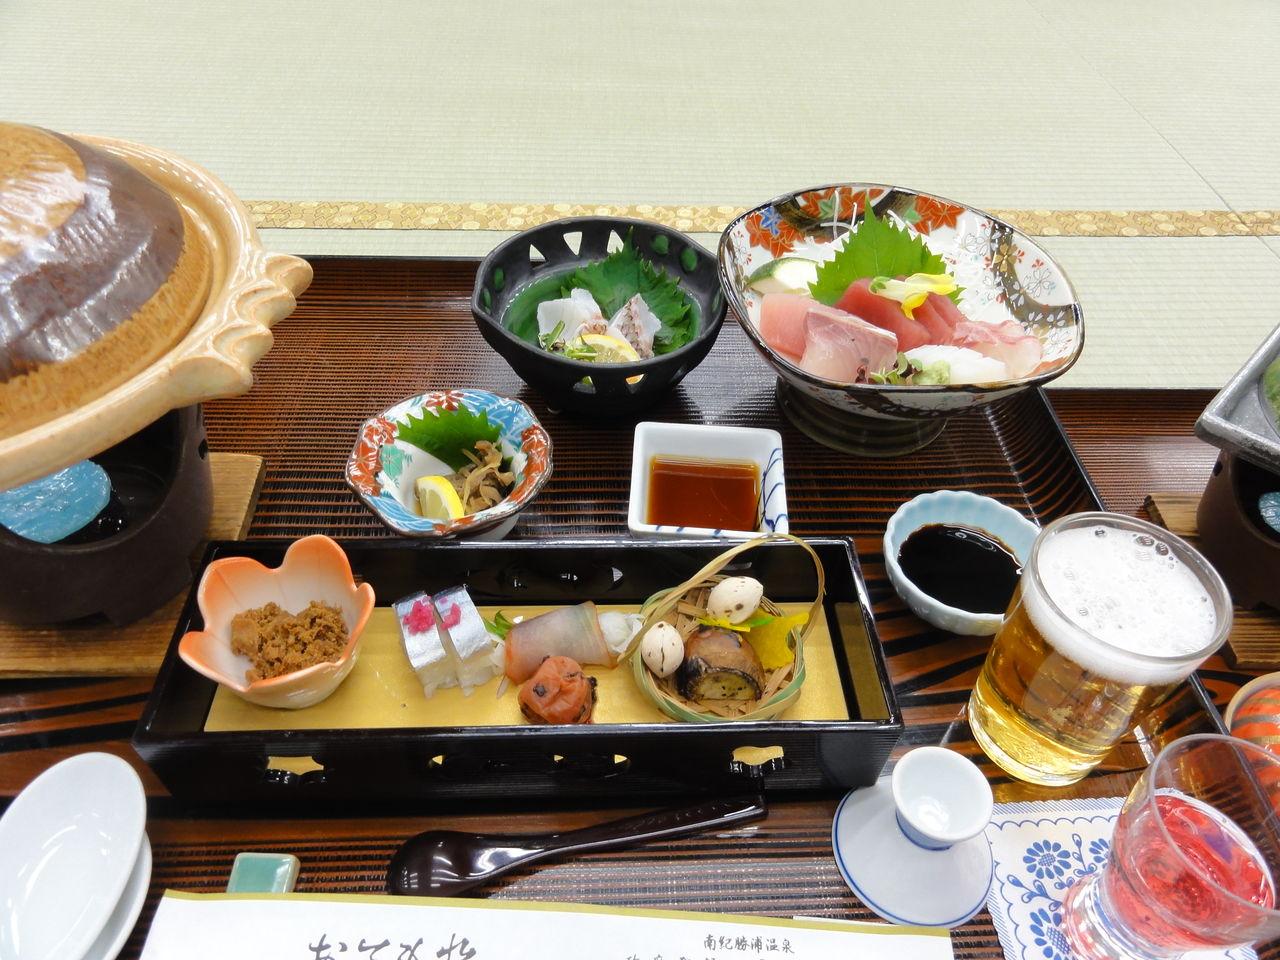 寒い季節に 鍋料理が人気の宿ランキングTOP10 | 楽 …